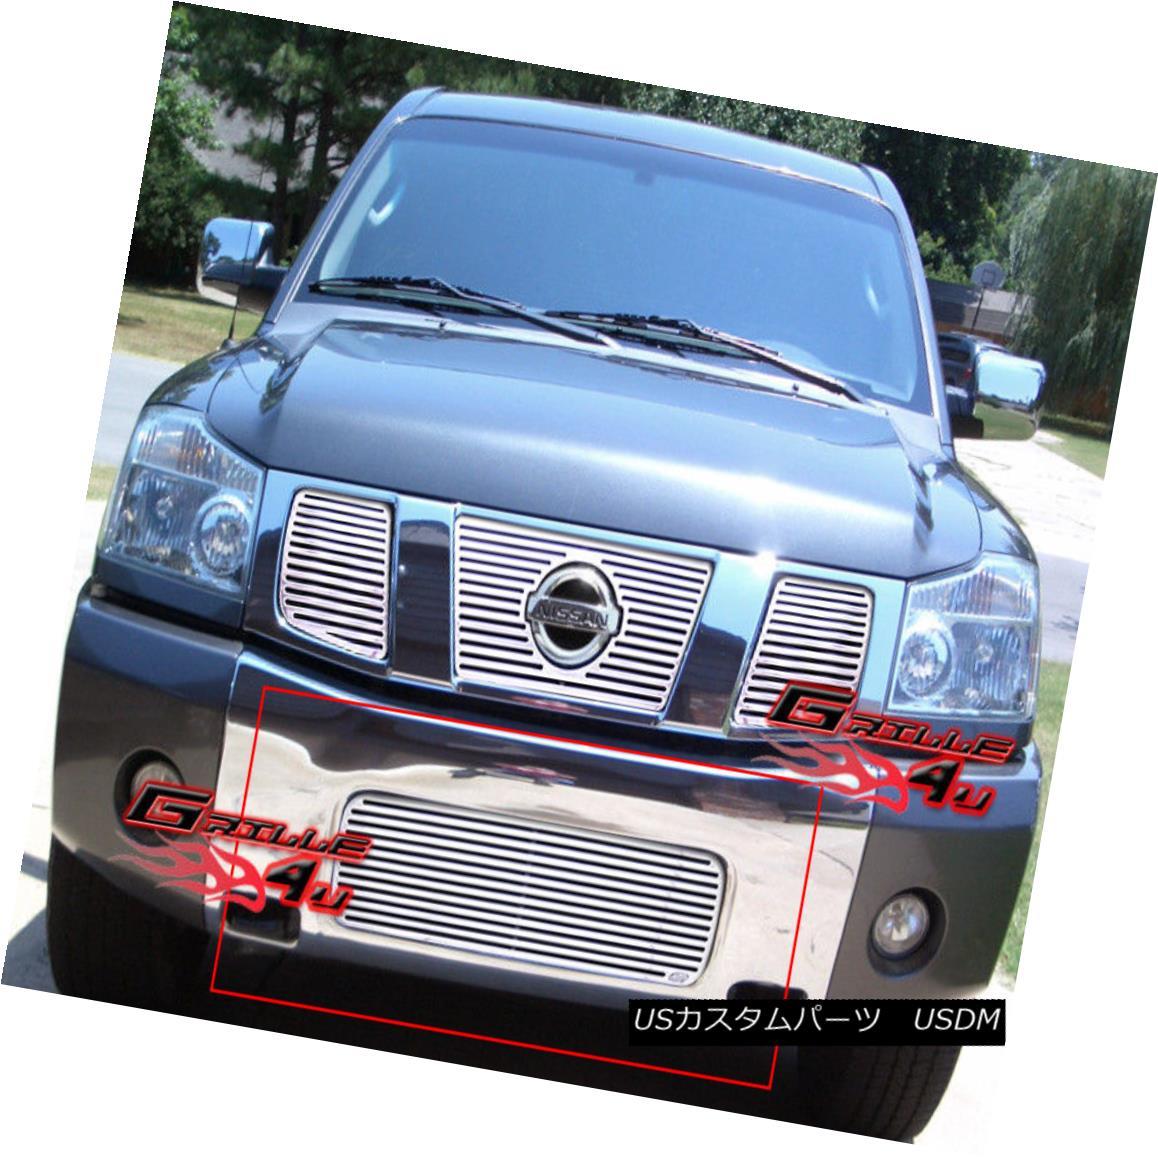 グリル For 2004-2015 Nissan Titan/04-07 Armada Bumper Perimeter Grille Insert 2004-2015年Nissan Titan / 04-07 Armadaバンパーペリメーターグリルインサート